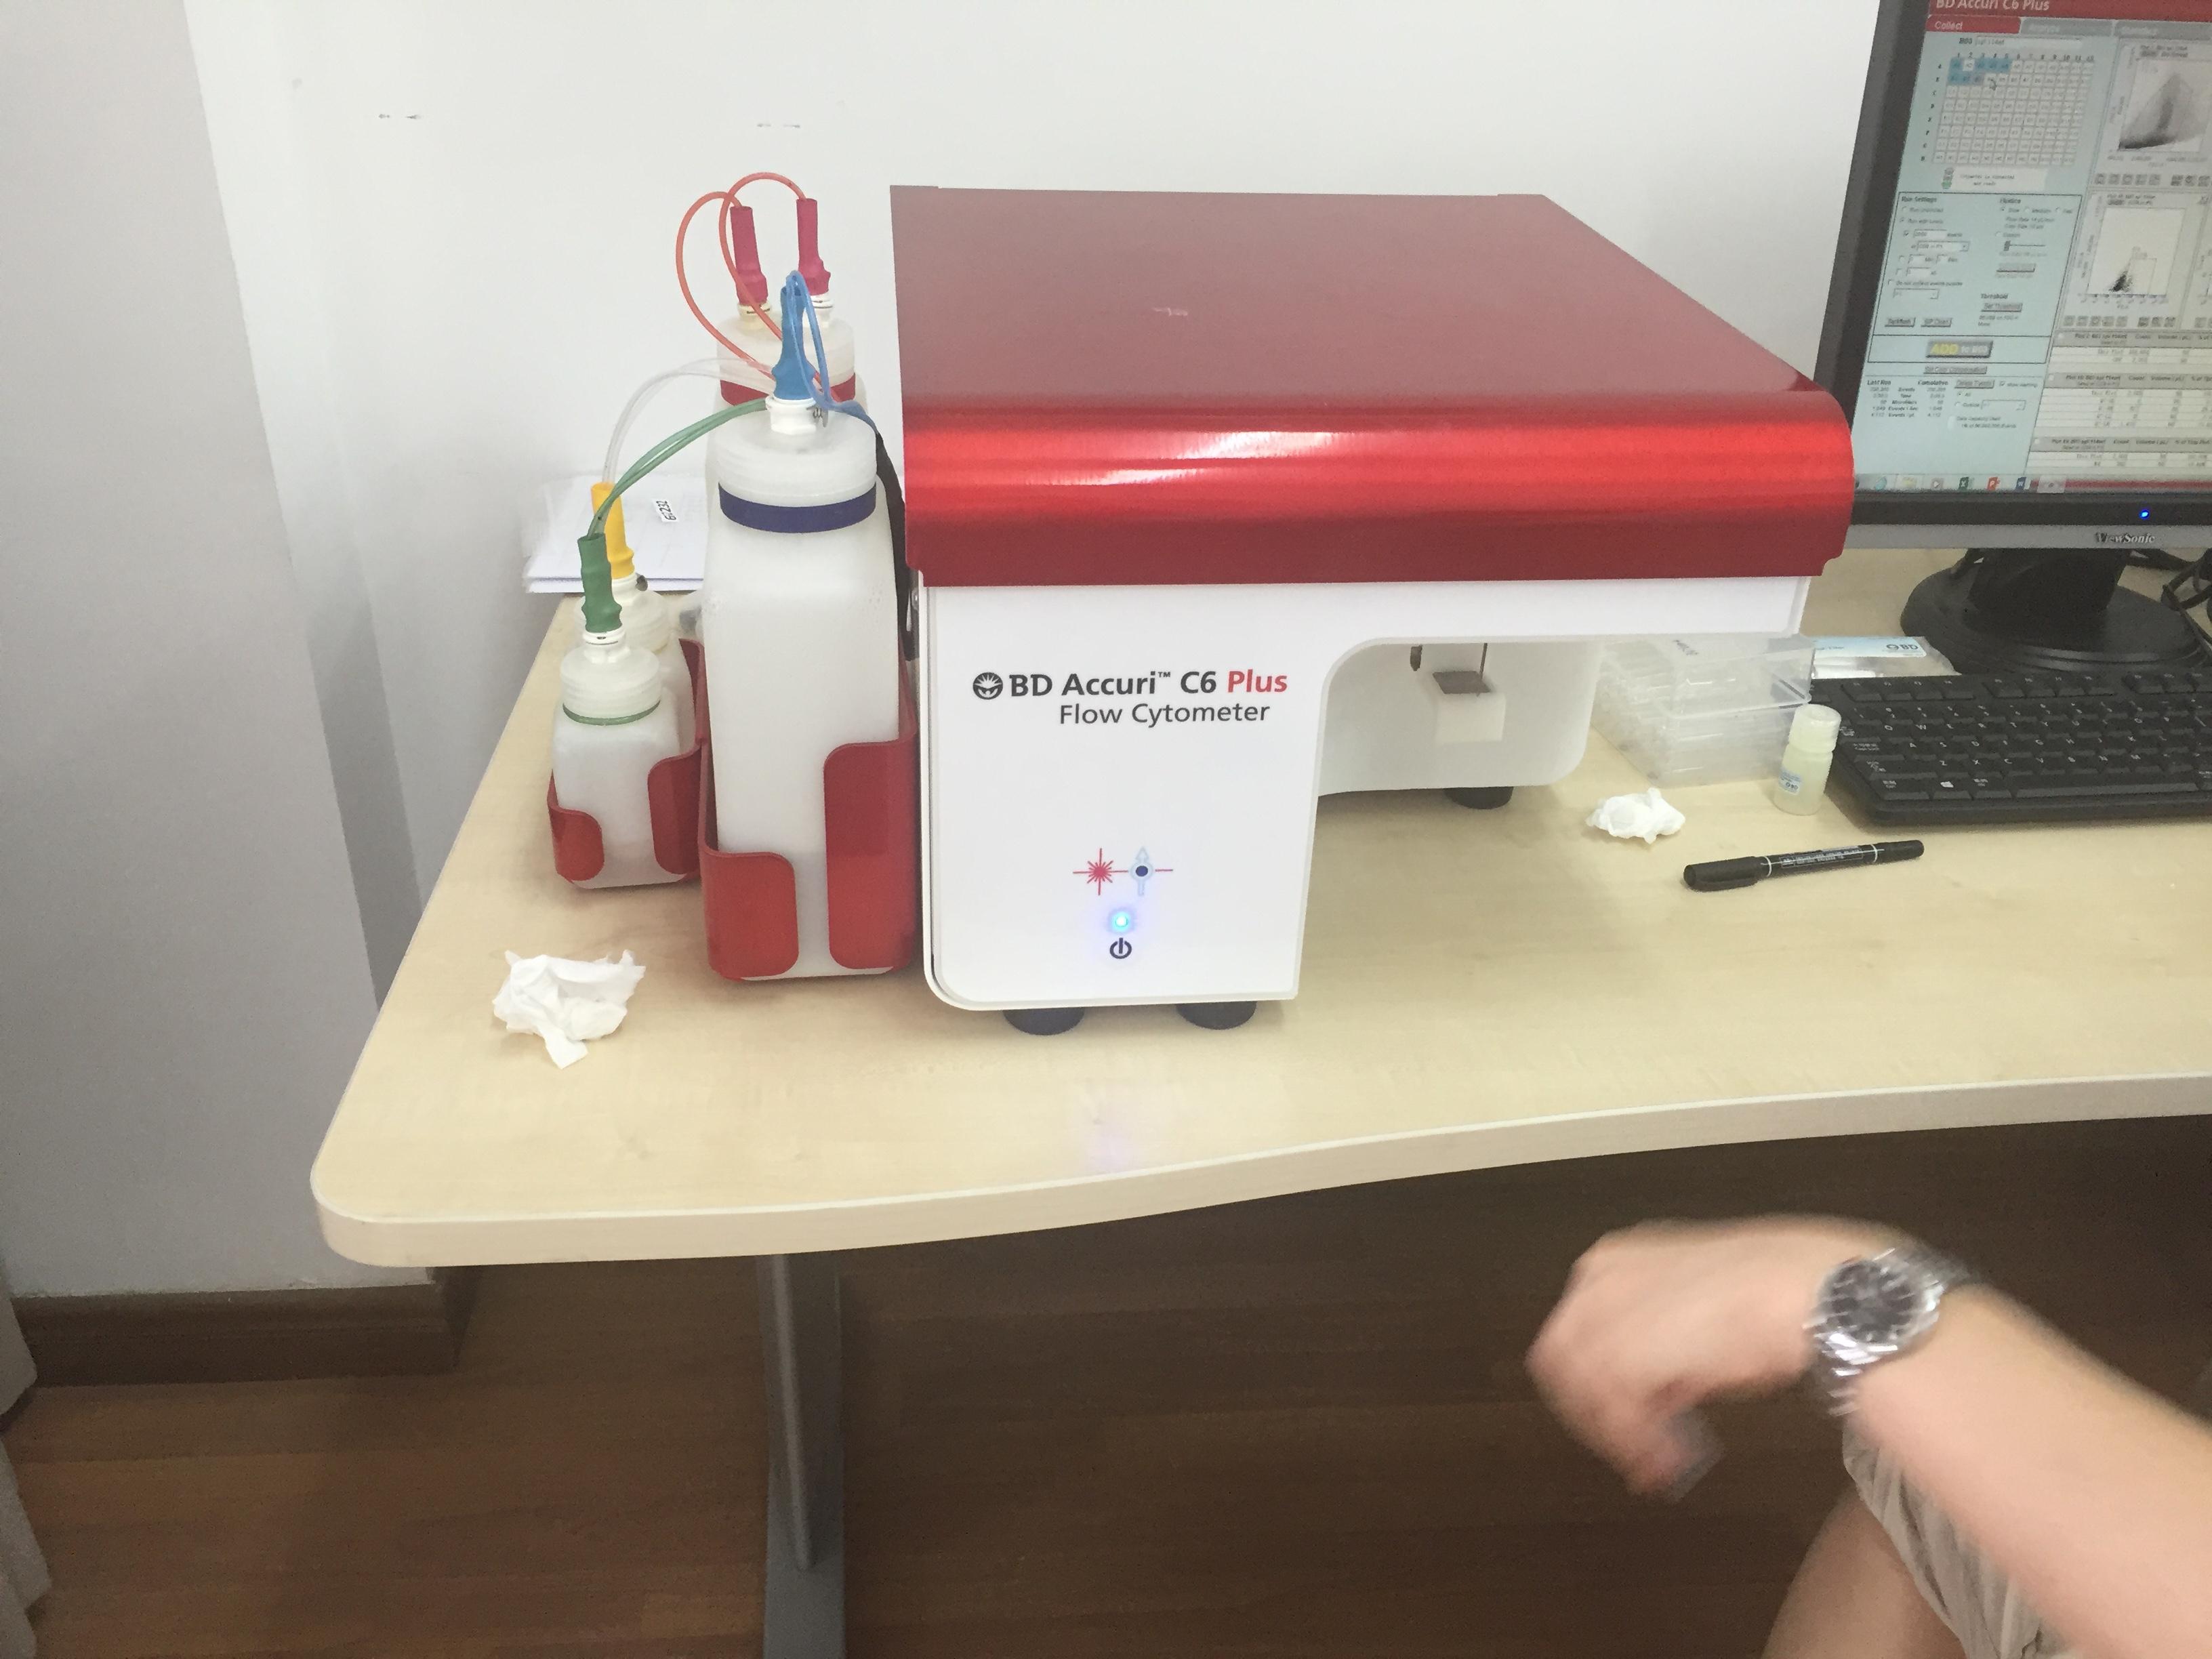 全国维修BD ACCURI C6 PLUS流式细胞仪,配件供应